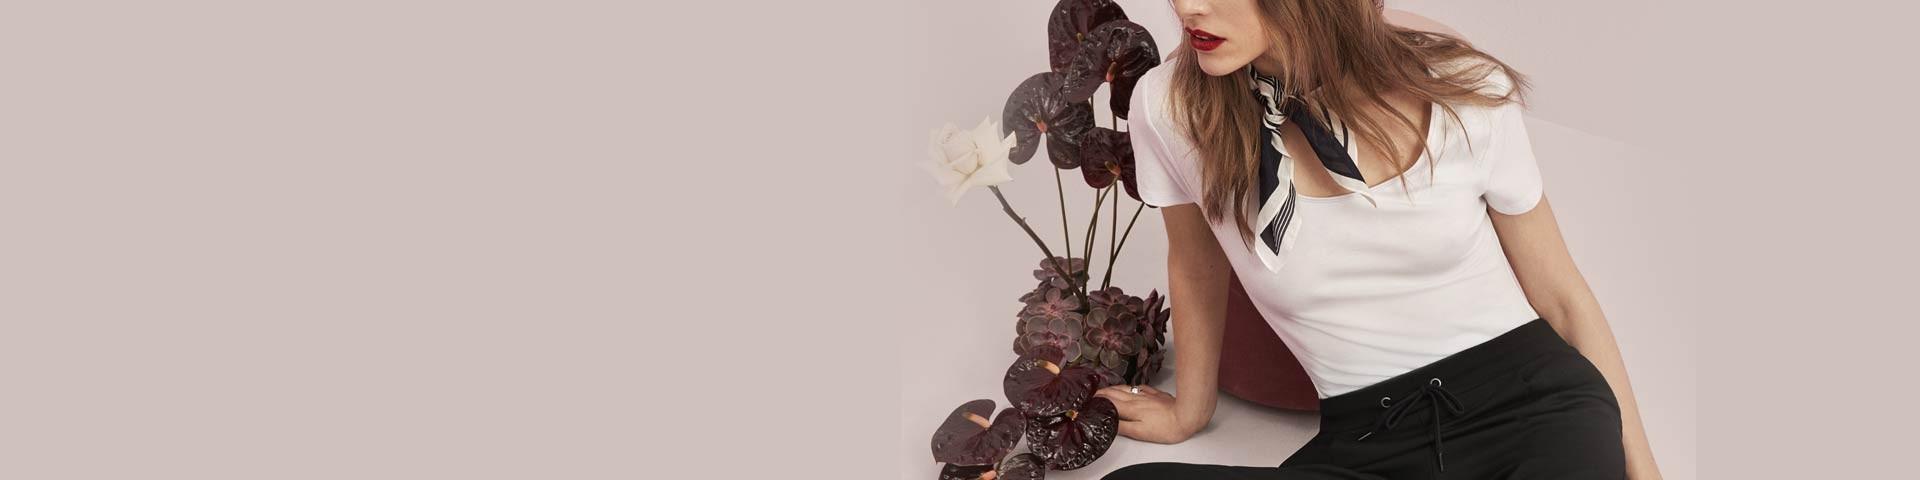 Camisetas de mujer al mejor precio – Online Closer